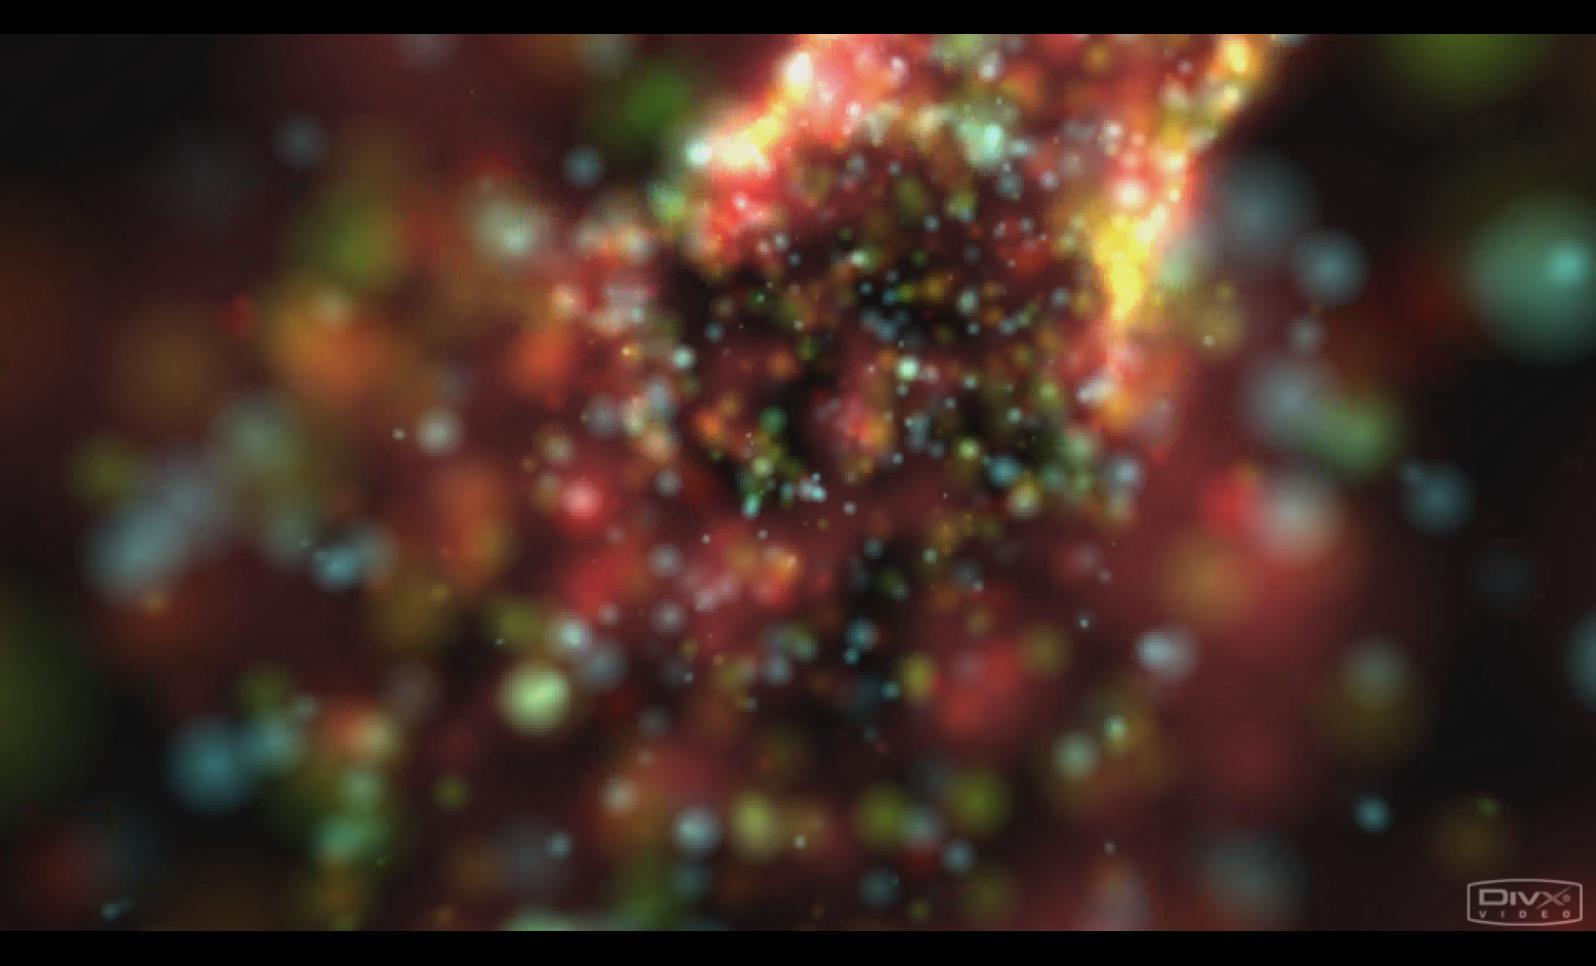 VJ 057 花纹五彩缤纷梦幻流光视频背景素材